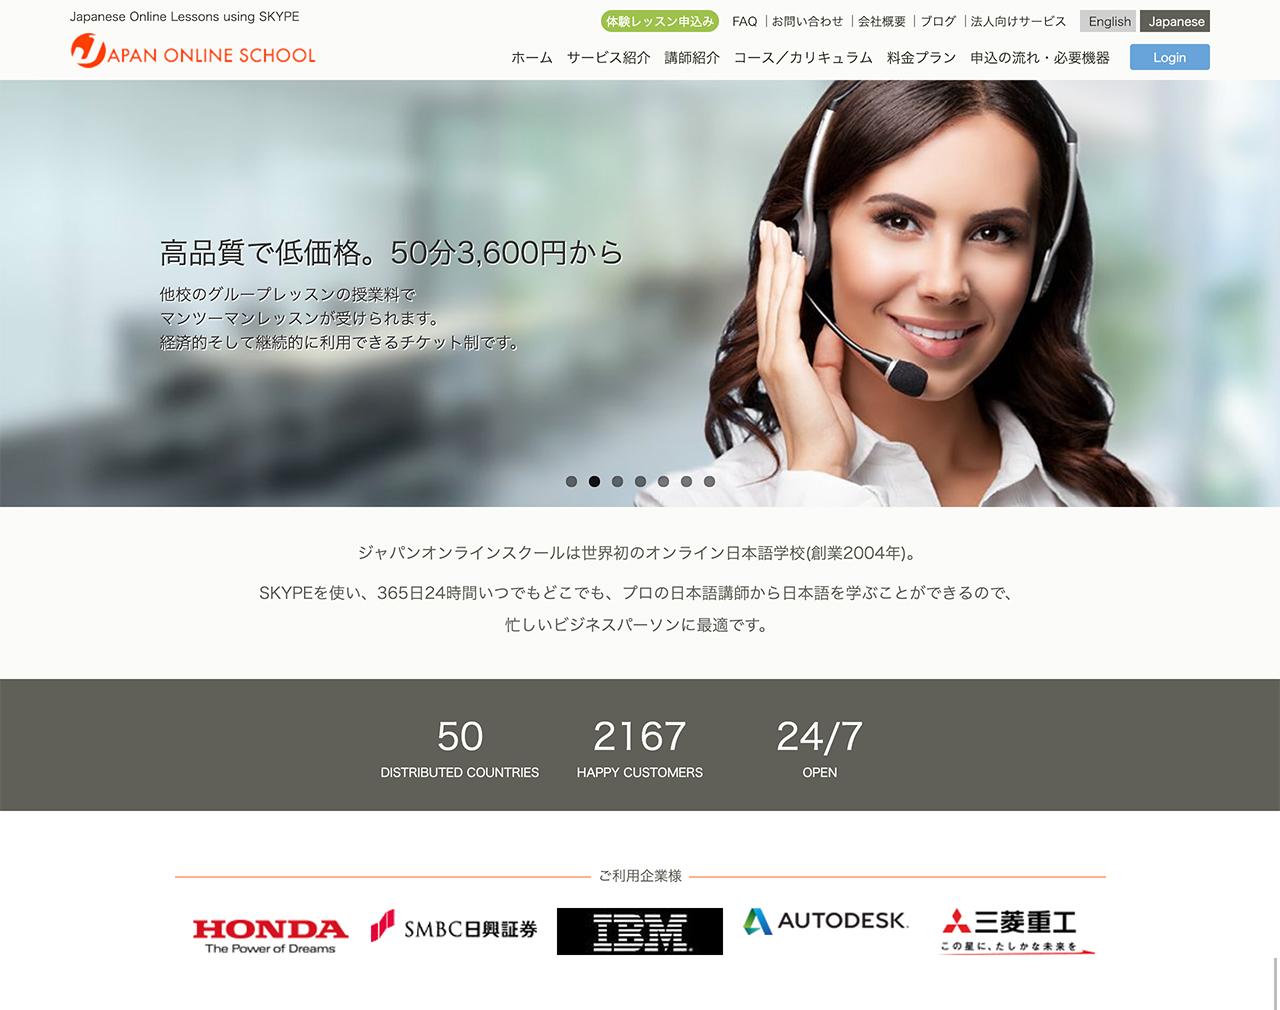 Japan Online School